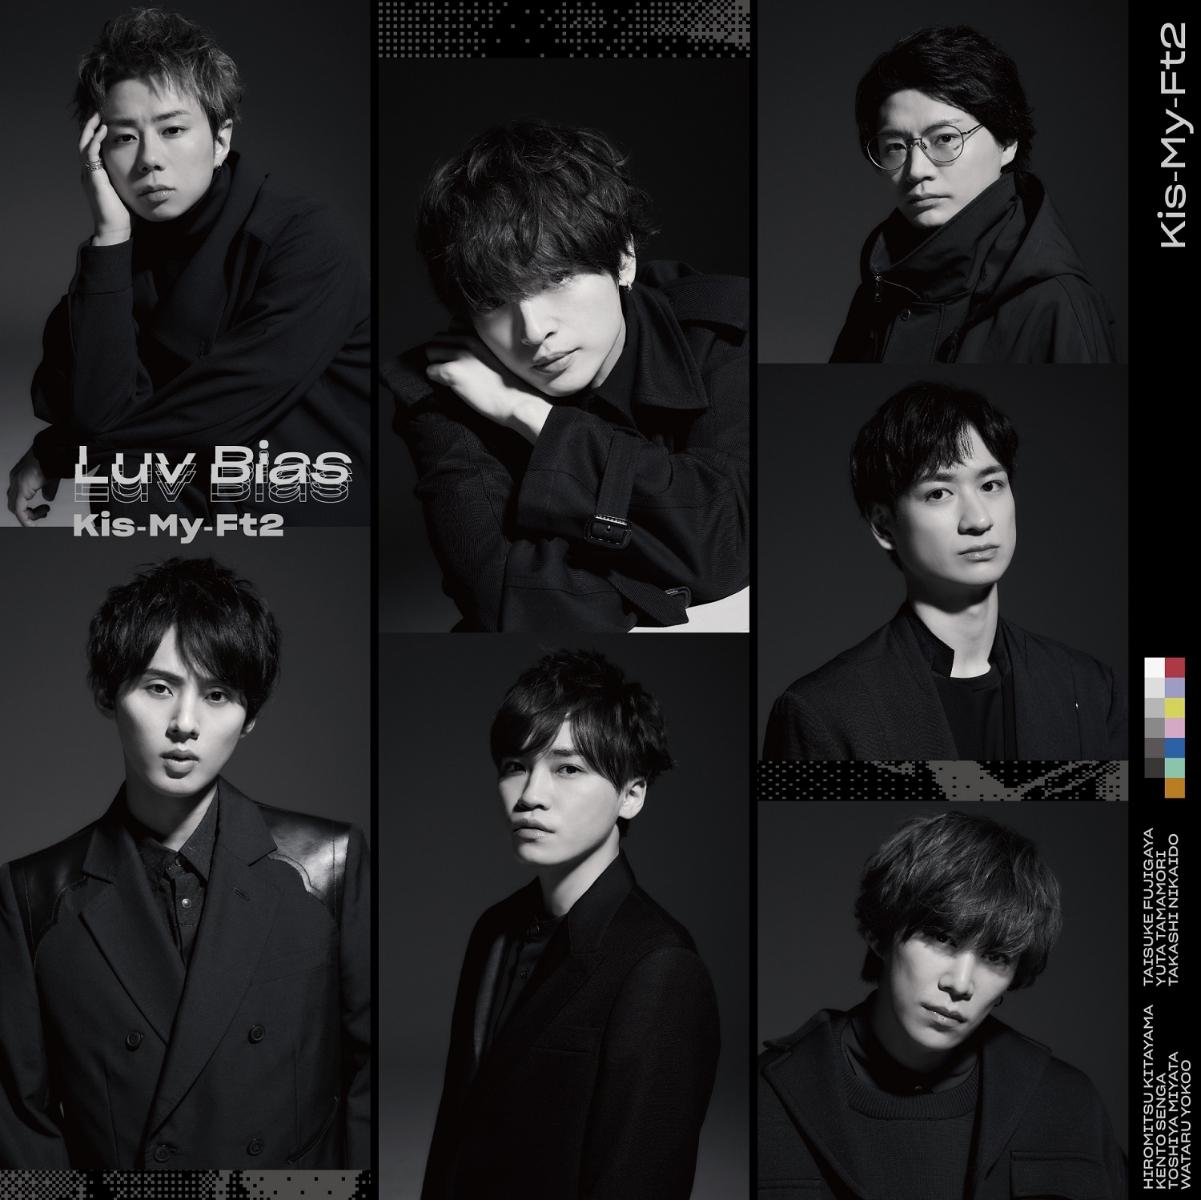 楽天ブックス: Luv Bias (通常盤) - Kis-My-Ft2 - 4988064949922 : CD